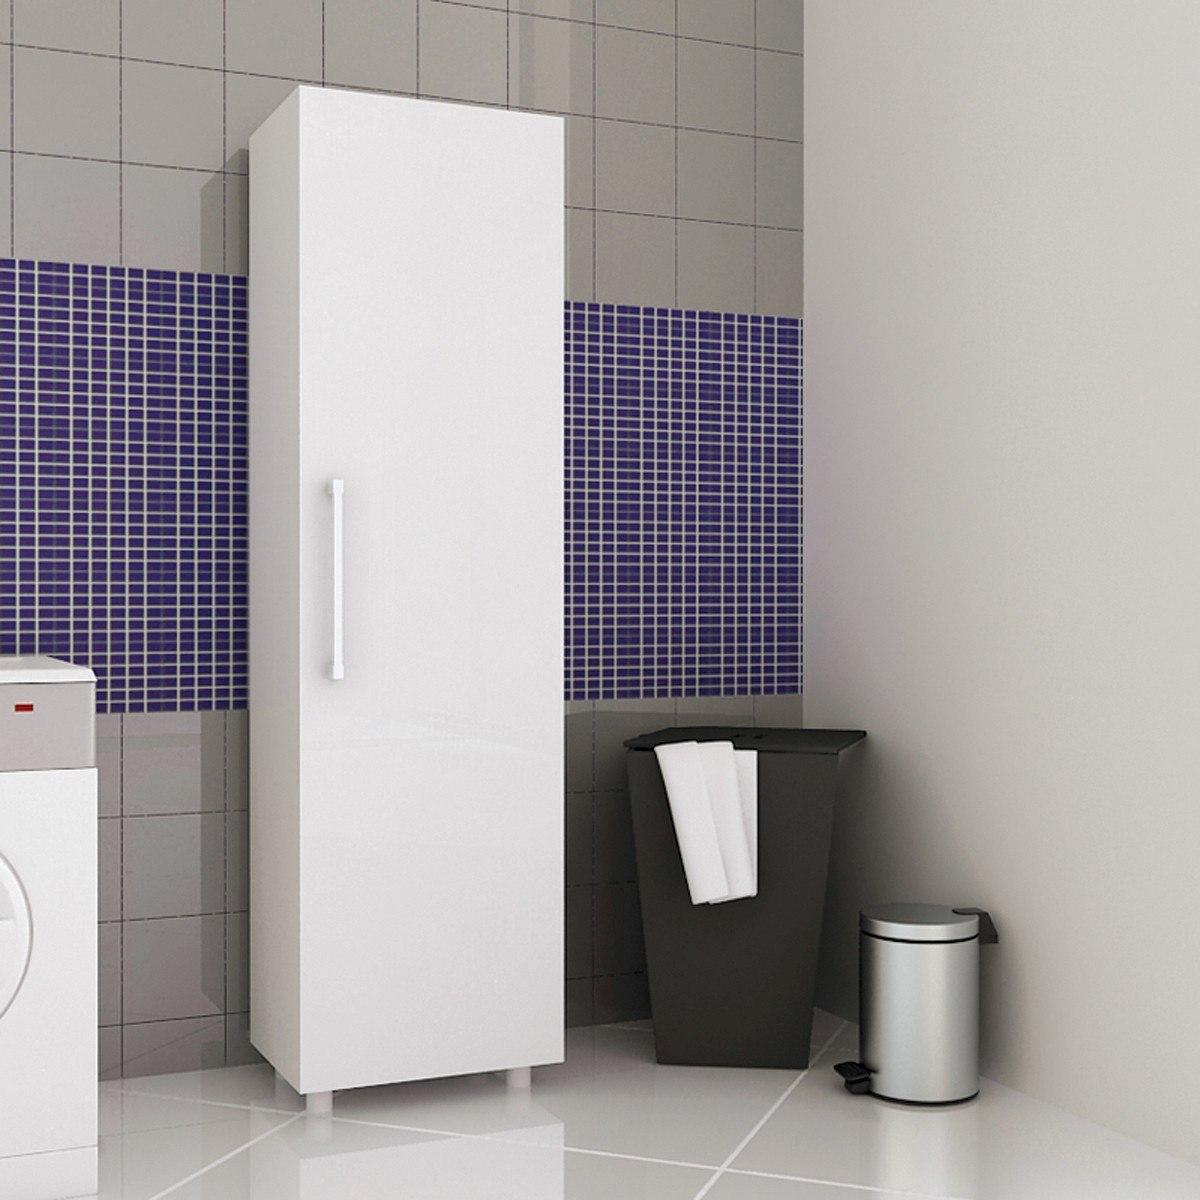 armario multiuso para lavanderia as636 armario lavanderia 13019  #423860 1200x1200 Armario Banheiro Mercado Livre